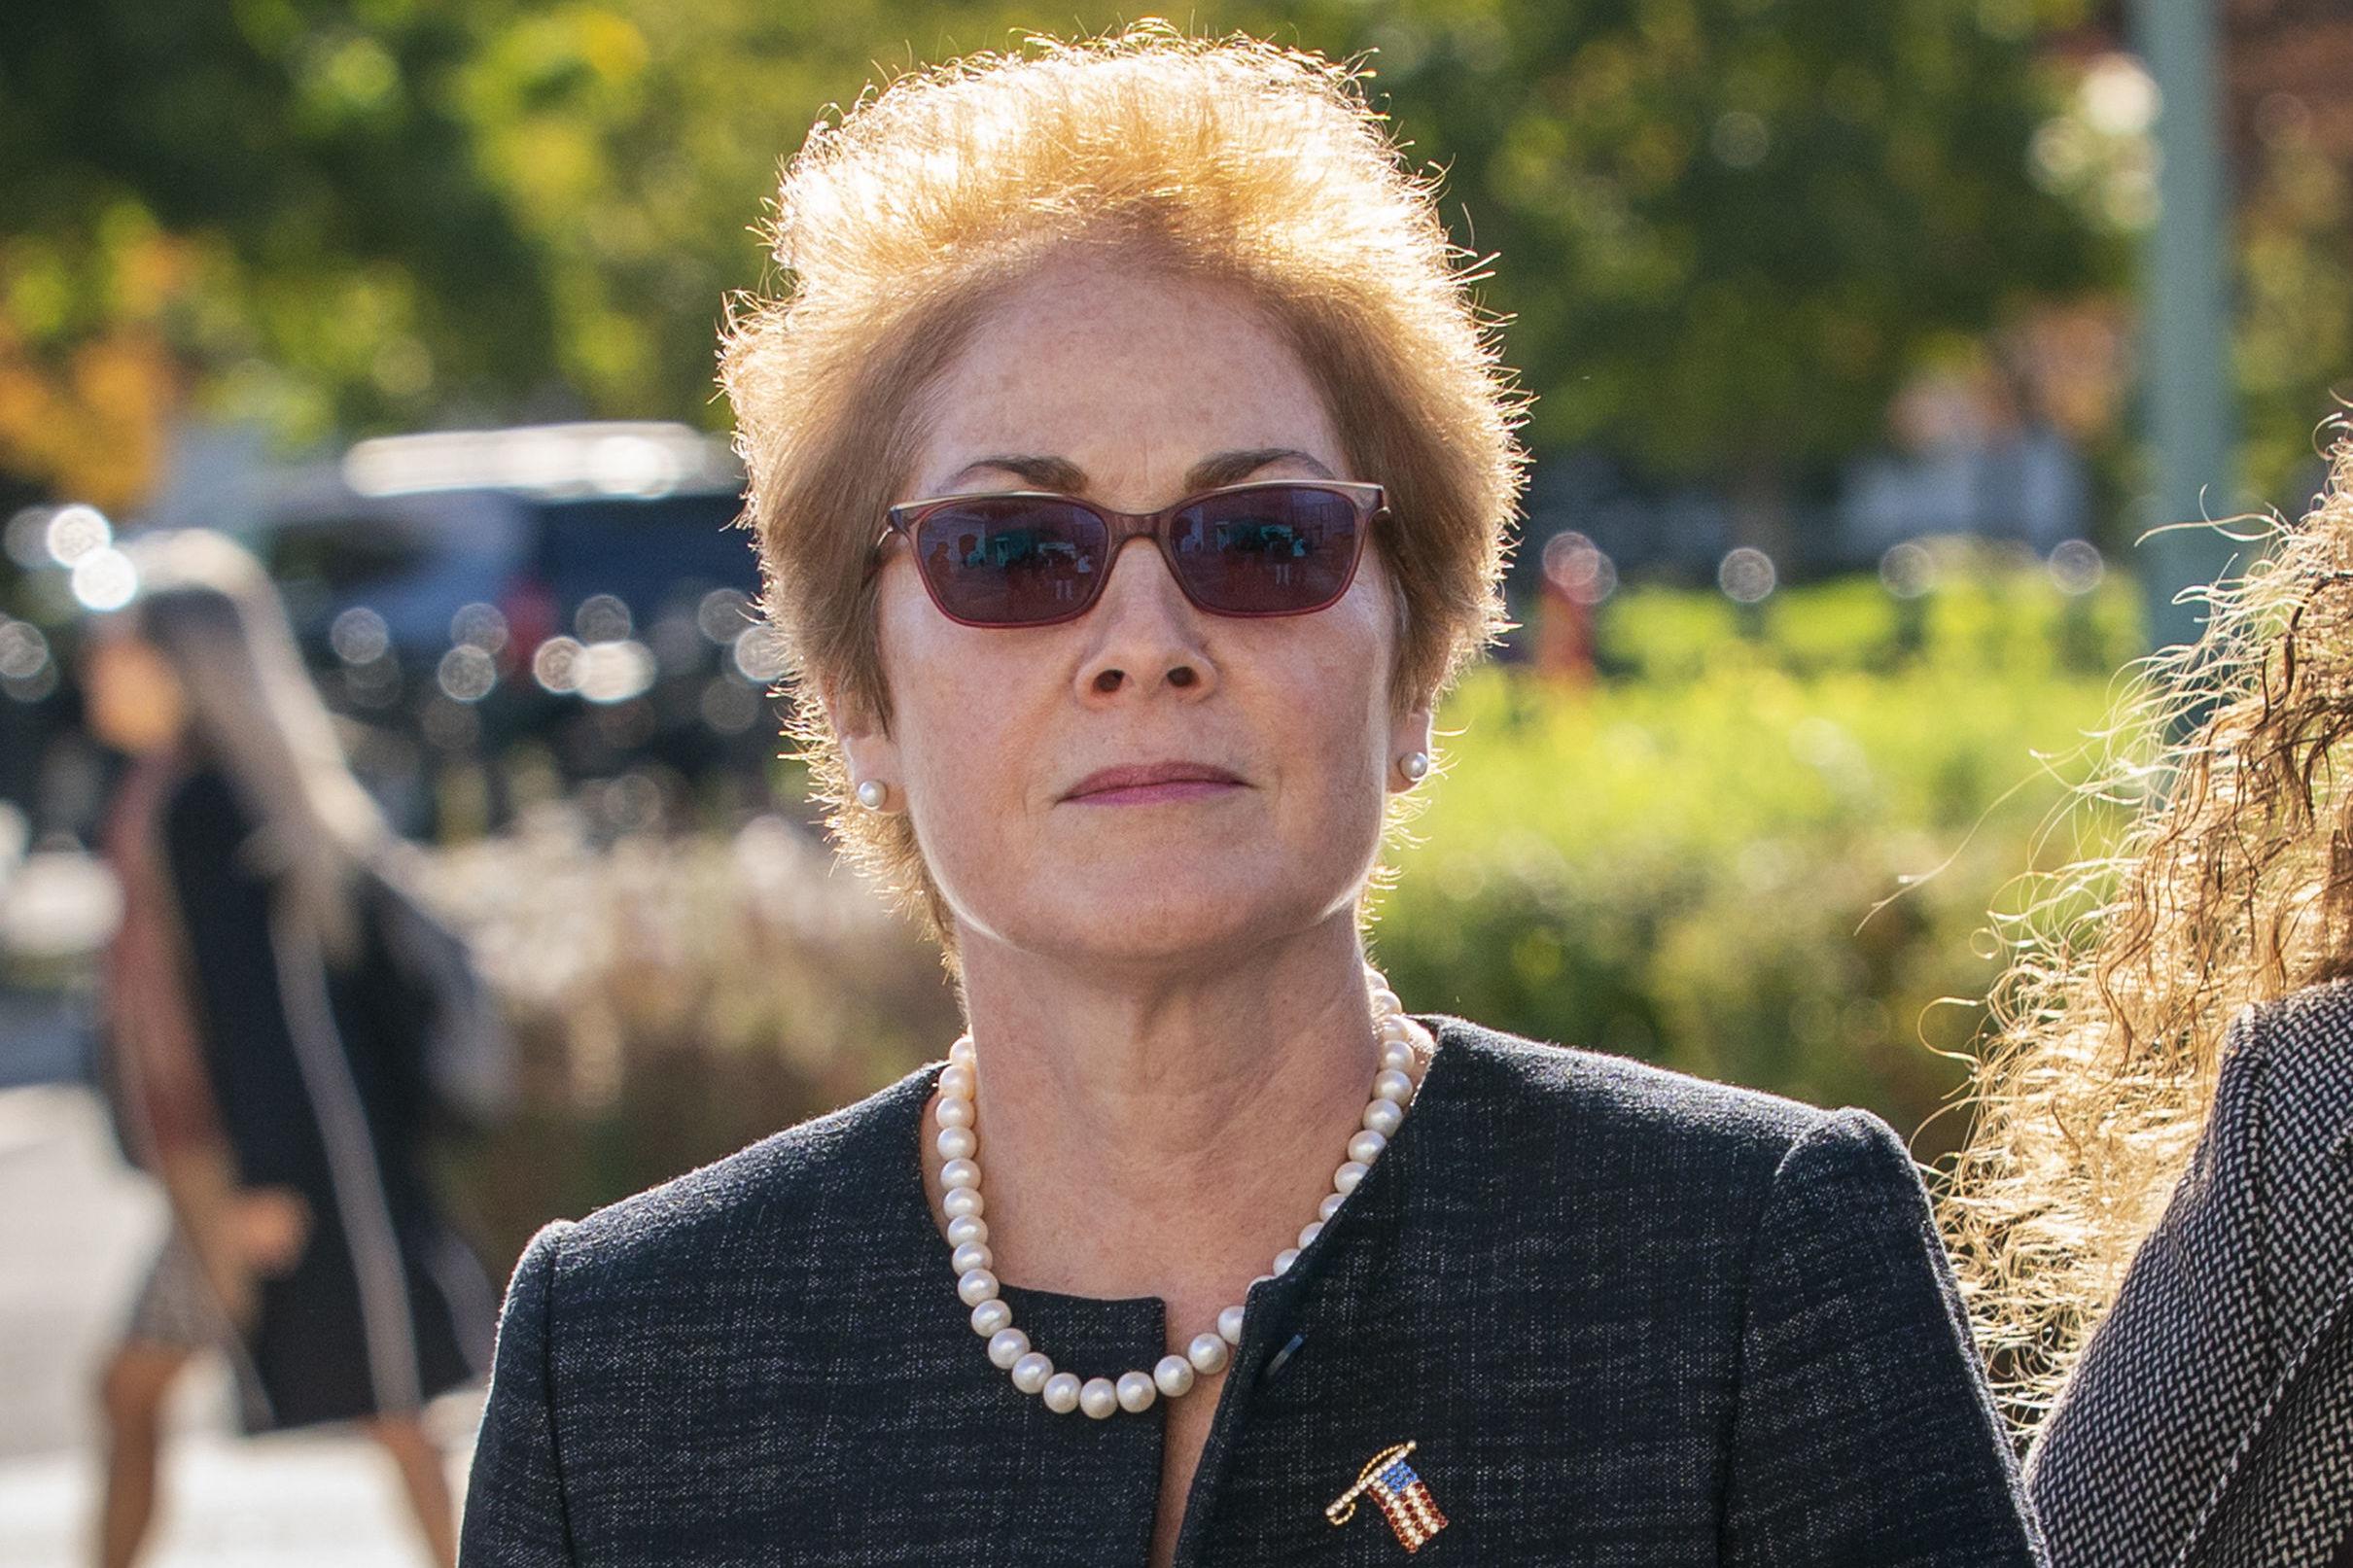 Marie Yovanovitch ejerció como embajadora de EEUU en Kiev desde agosto de 2016 hasta mayo de 2019, cuando fue depuesta por iniciativa de Donald Trump, acusada de ser desleal con su Administración